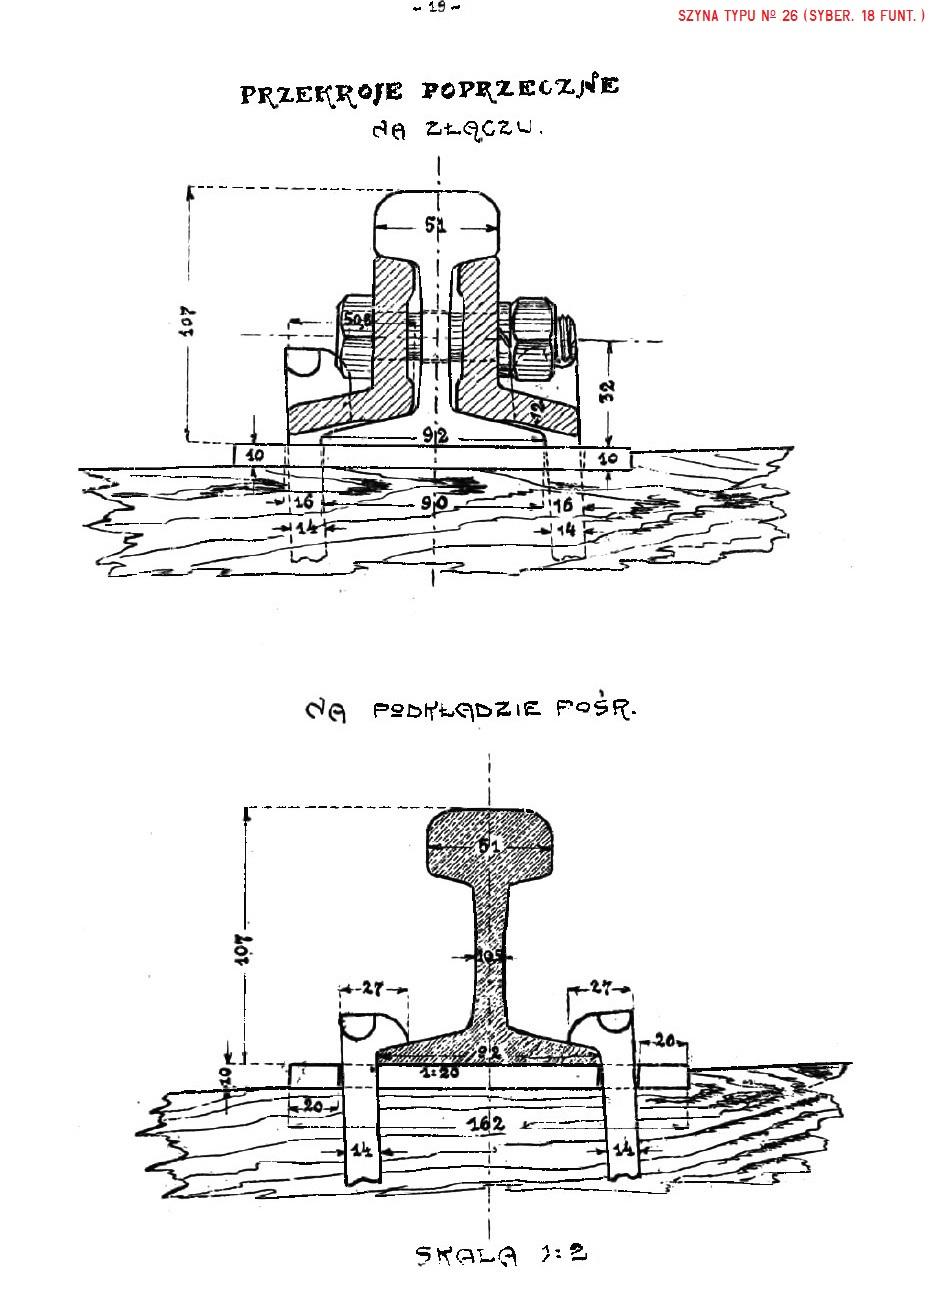 Album nawierzchni 1925. str. 19 - Szyna No 26 (syber. 18 funt.).jpg